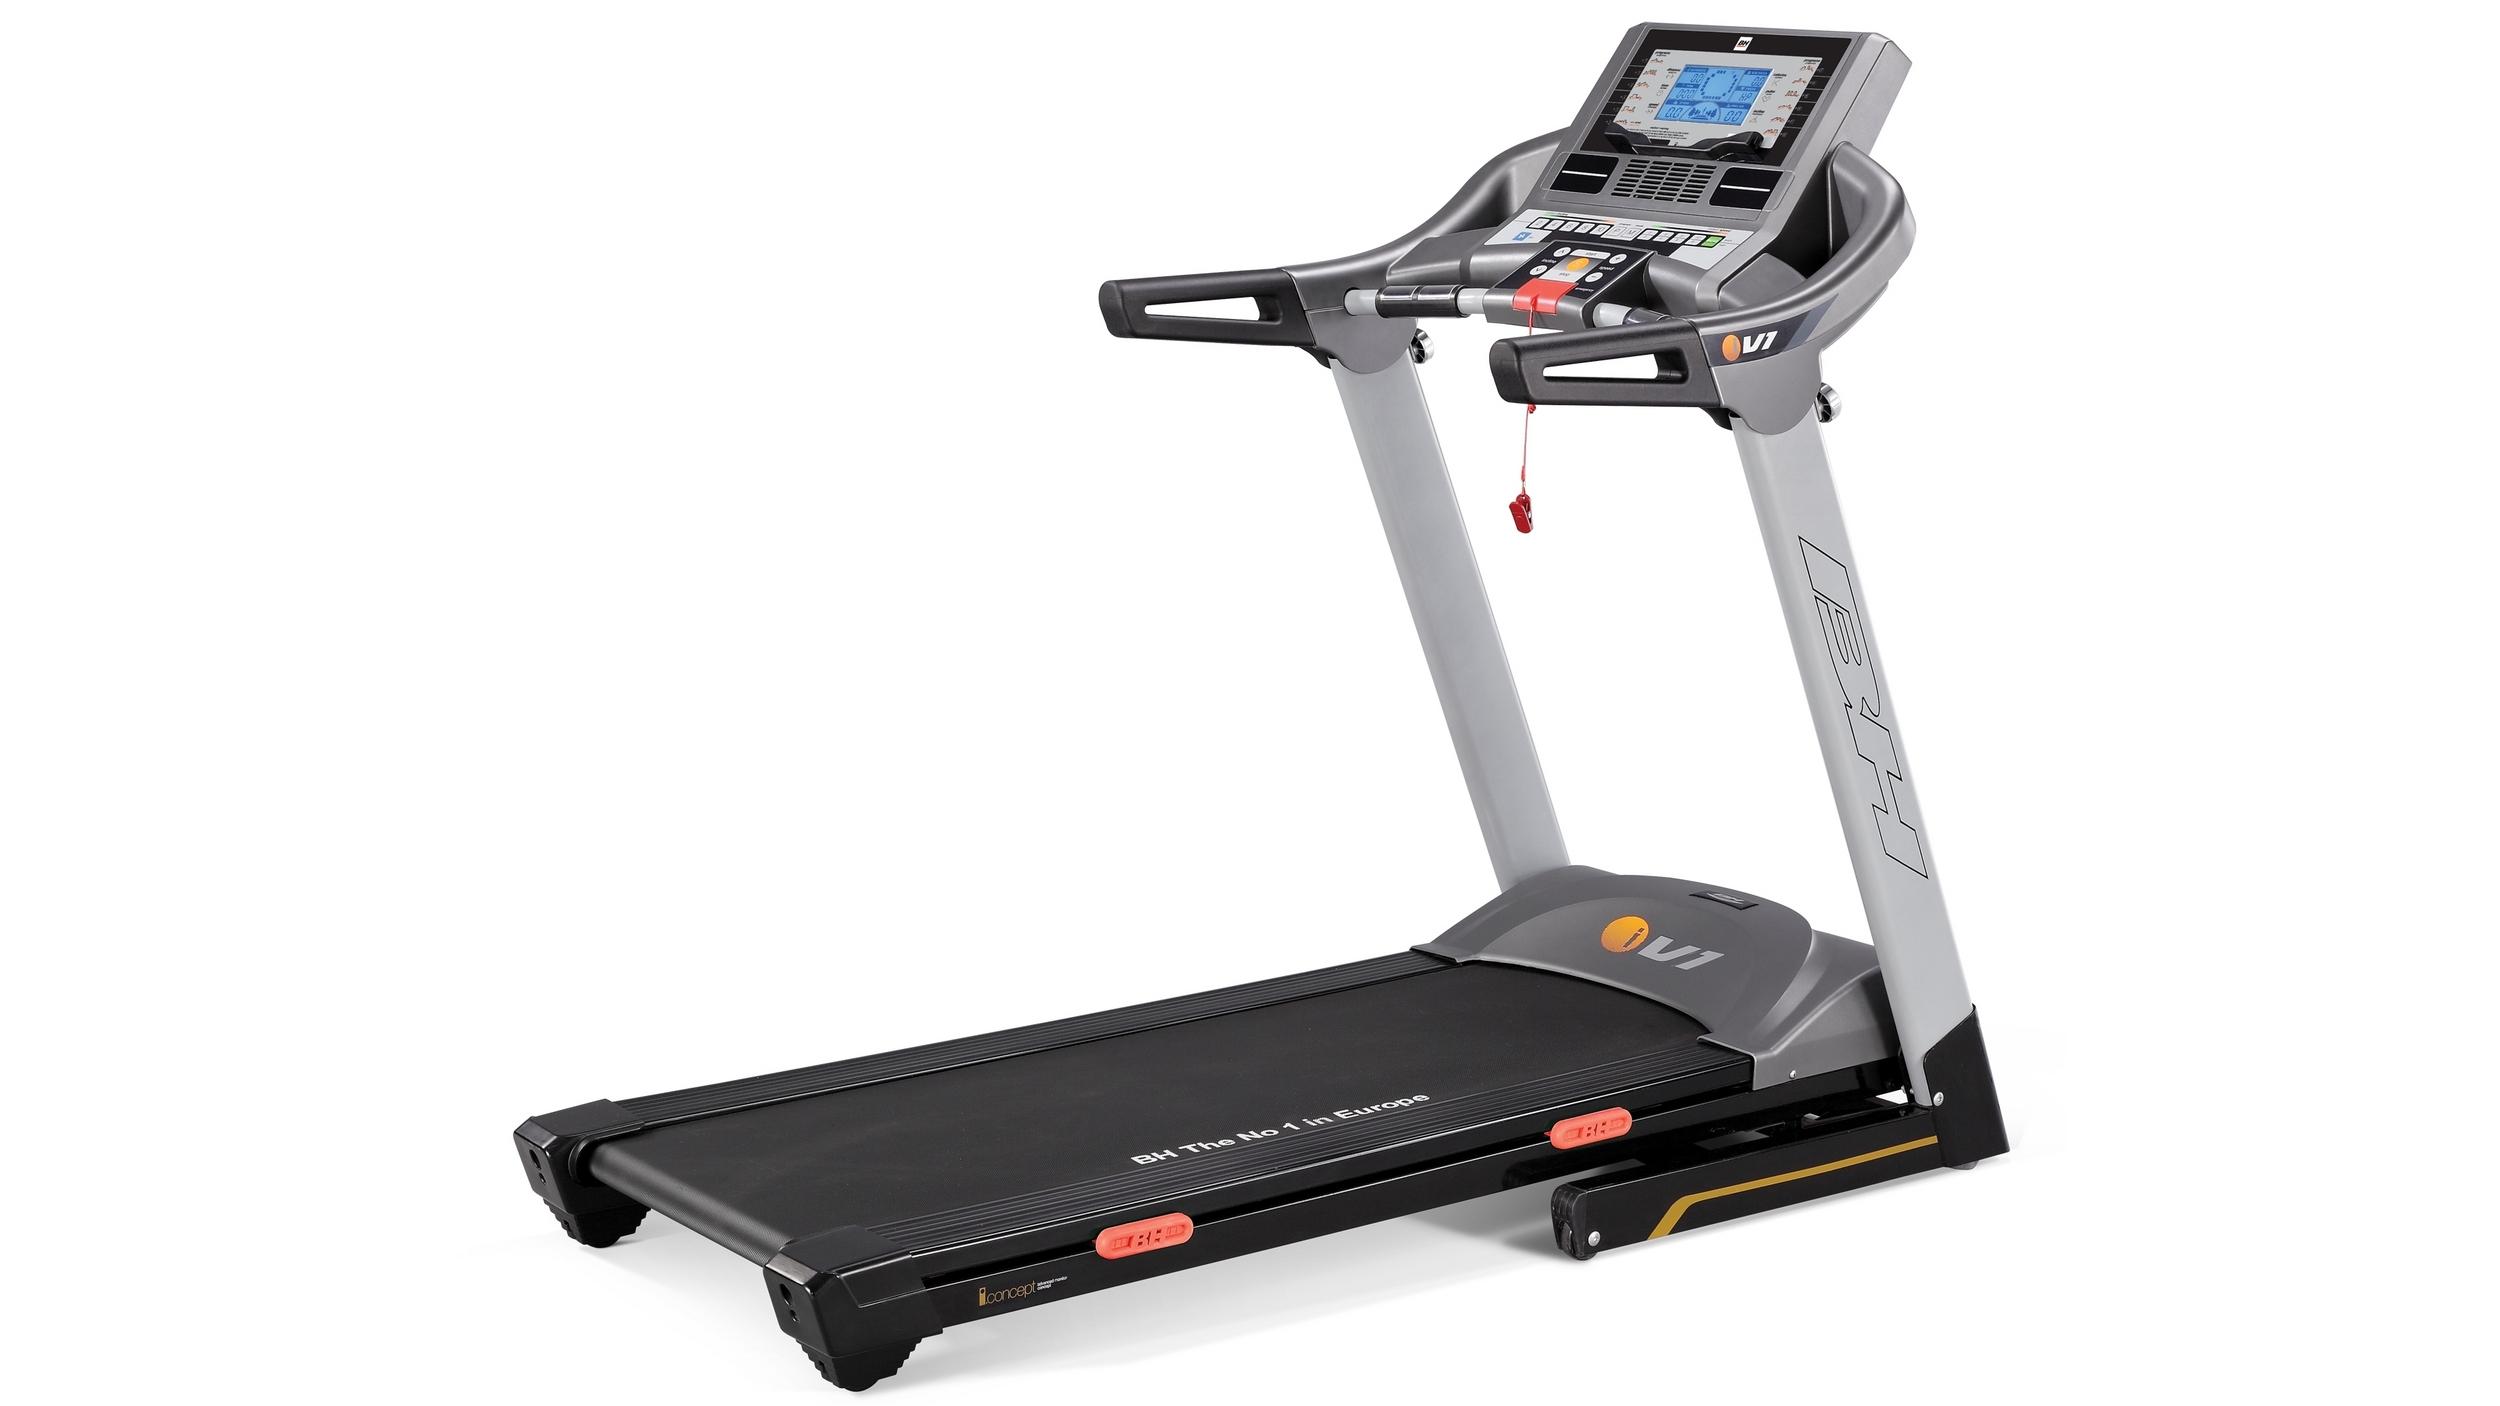 The BH Fitness i.V1 i.Concept Treadmill